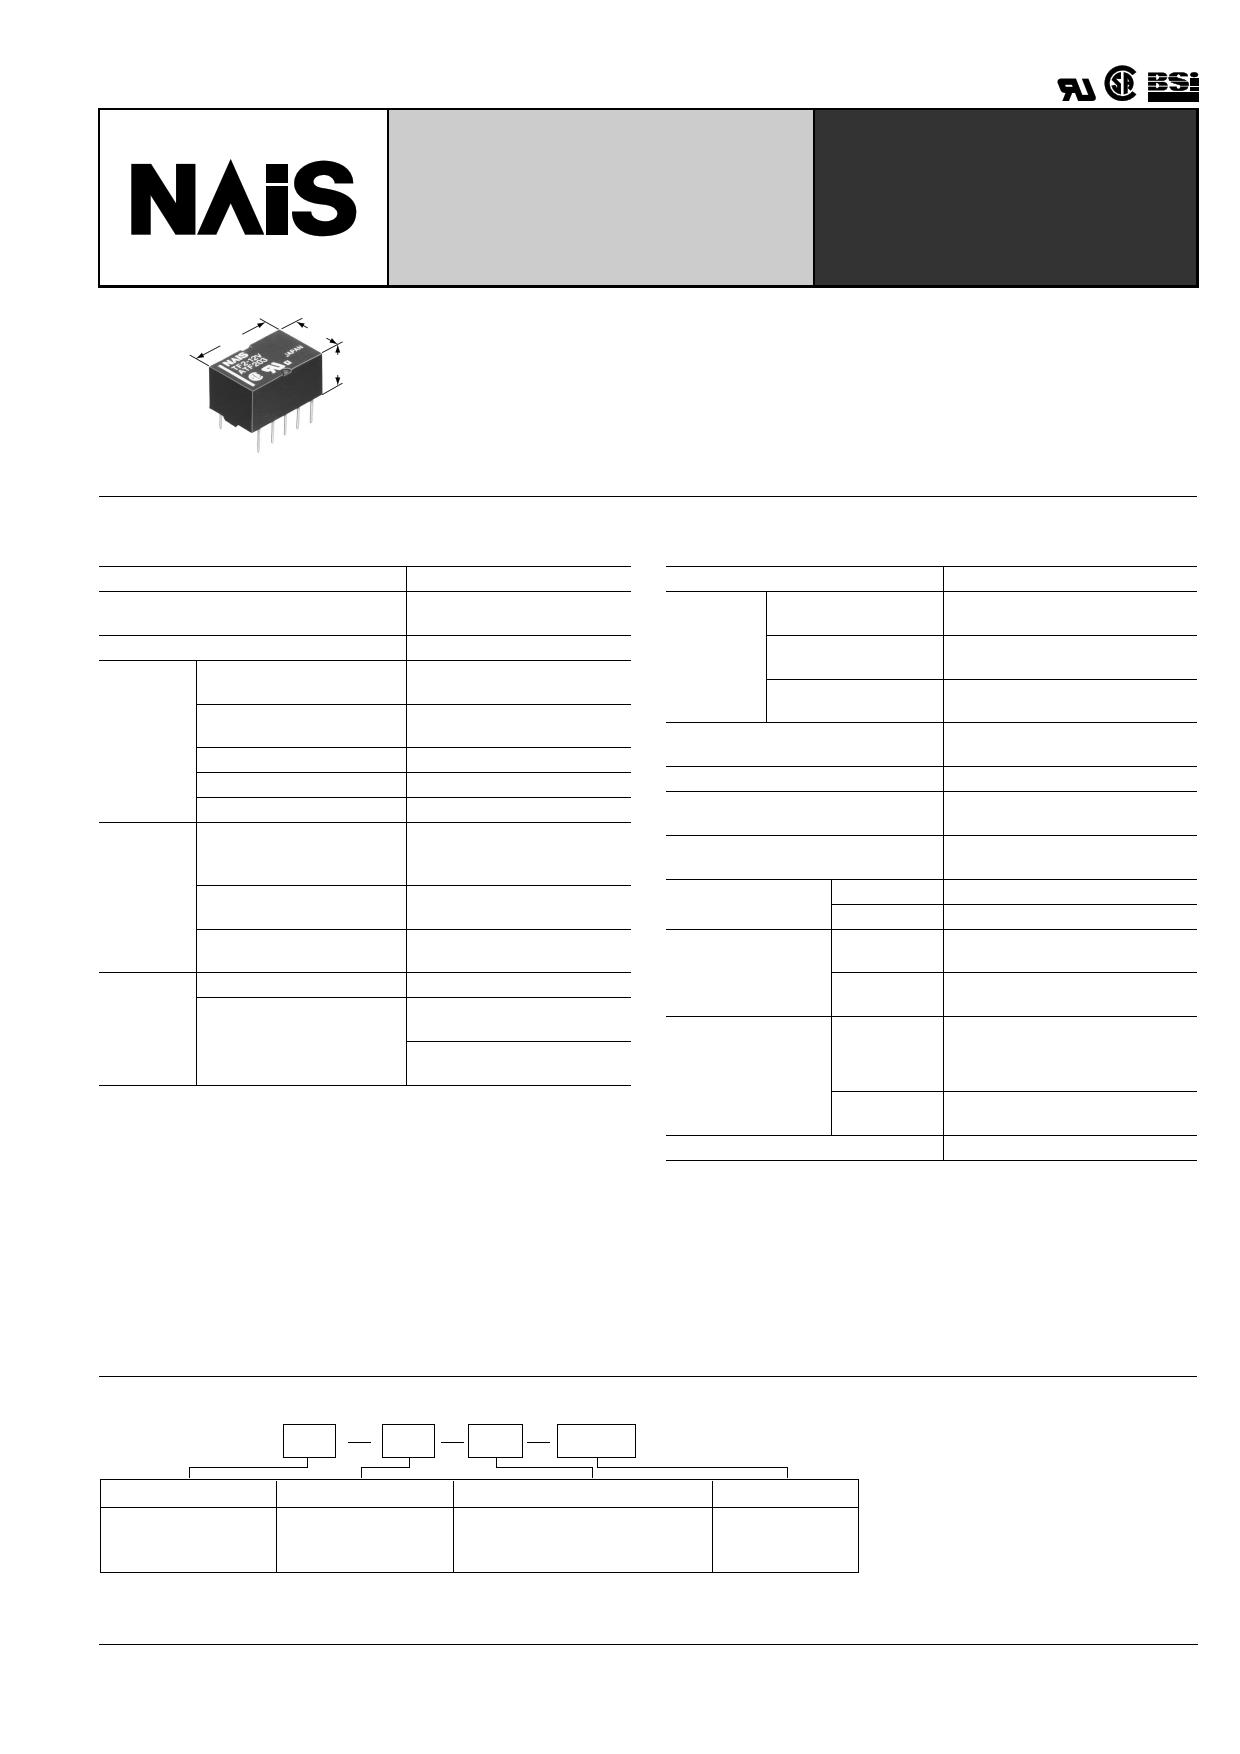 TF2-L2-9V datasheet